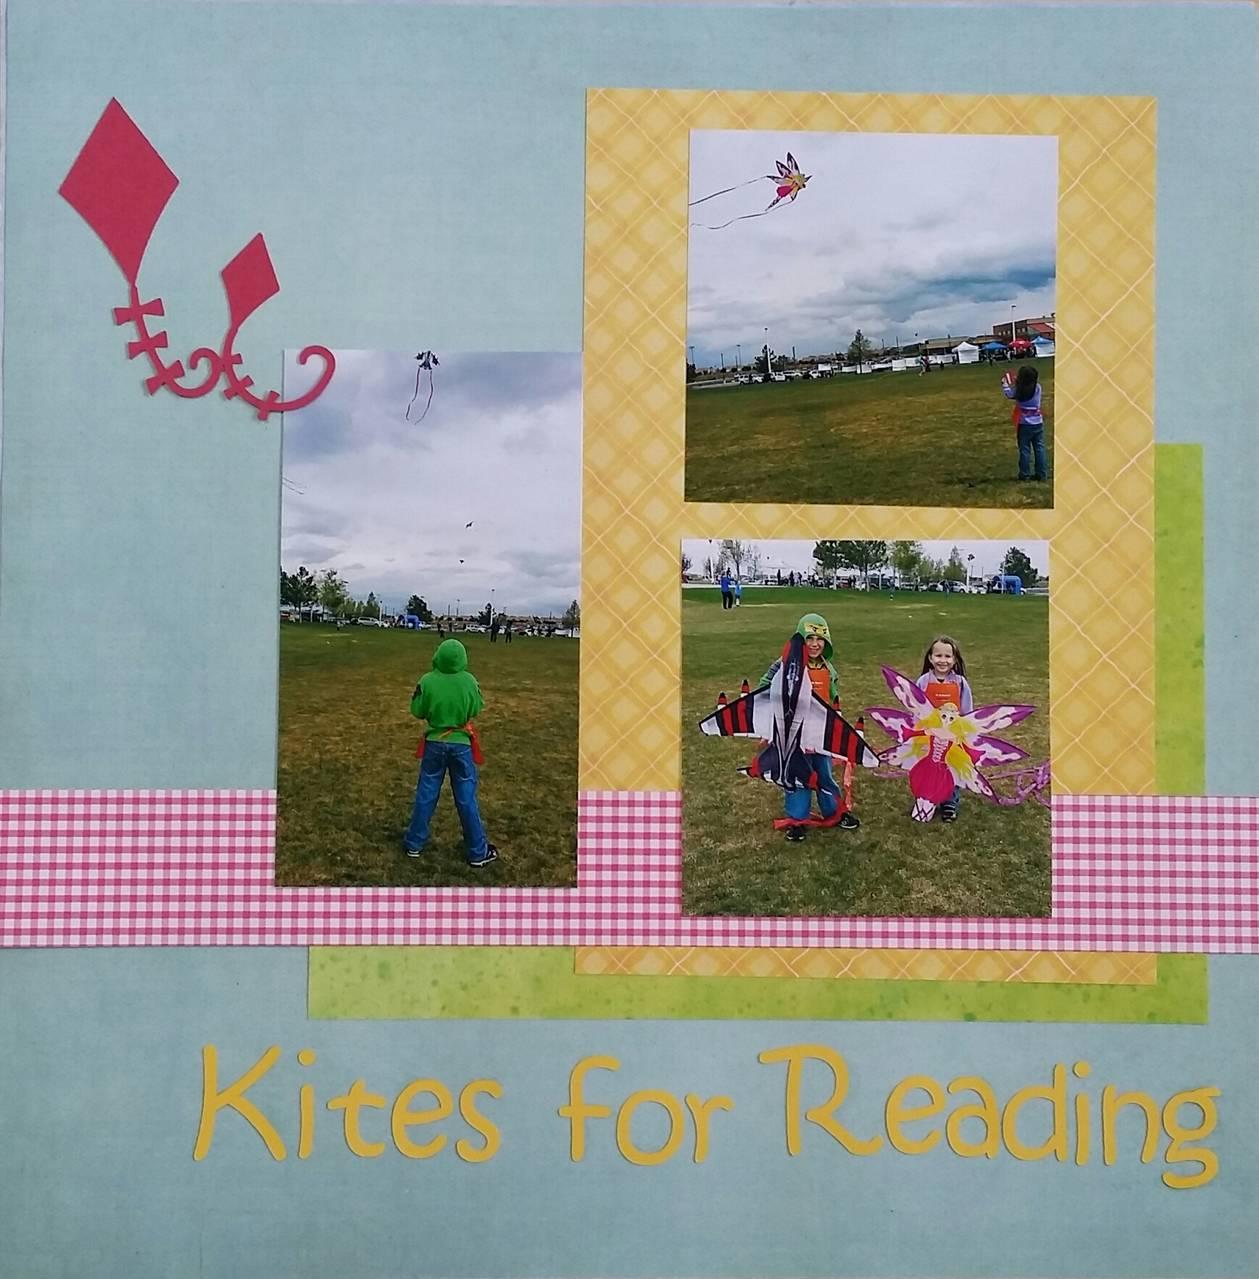 Kites for Reading